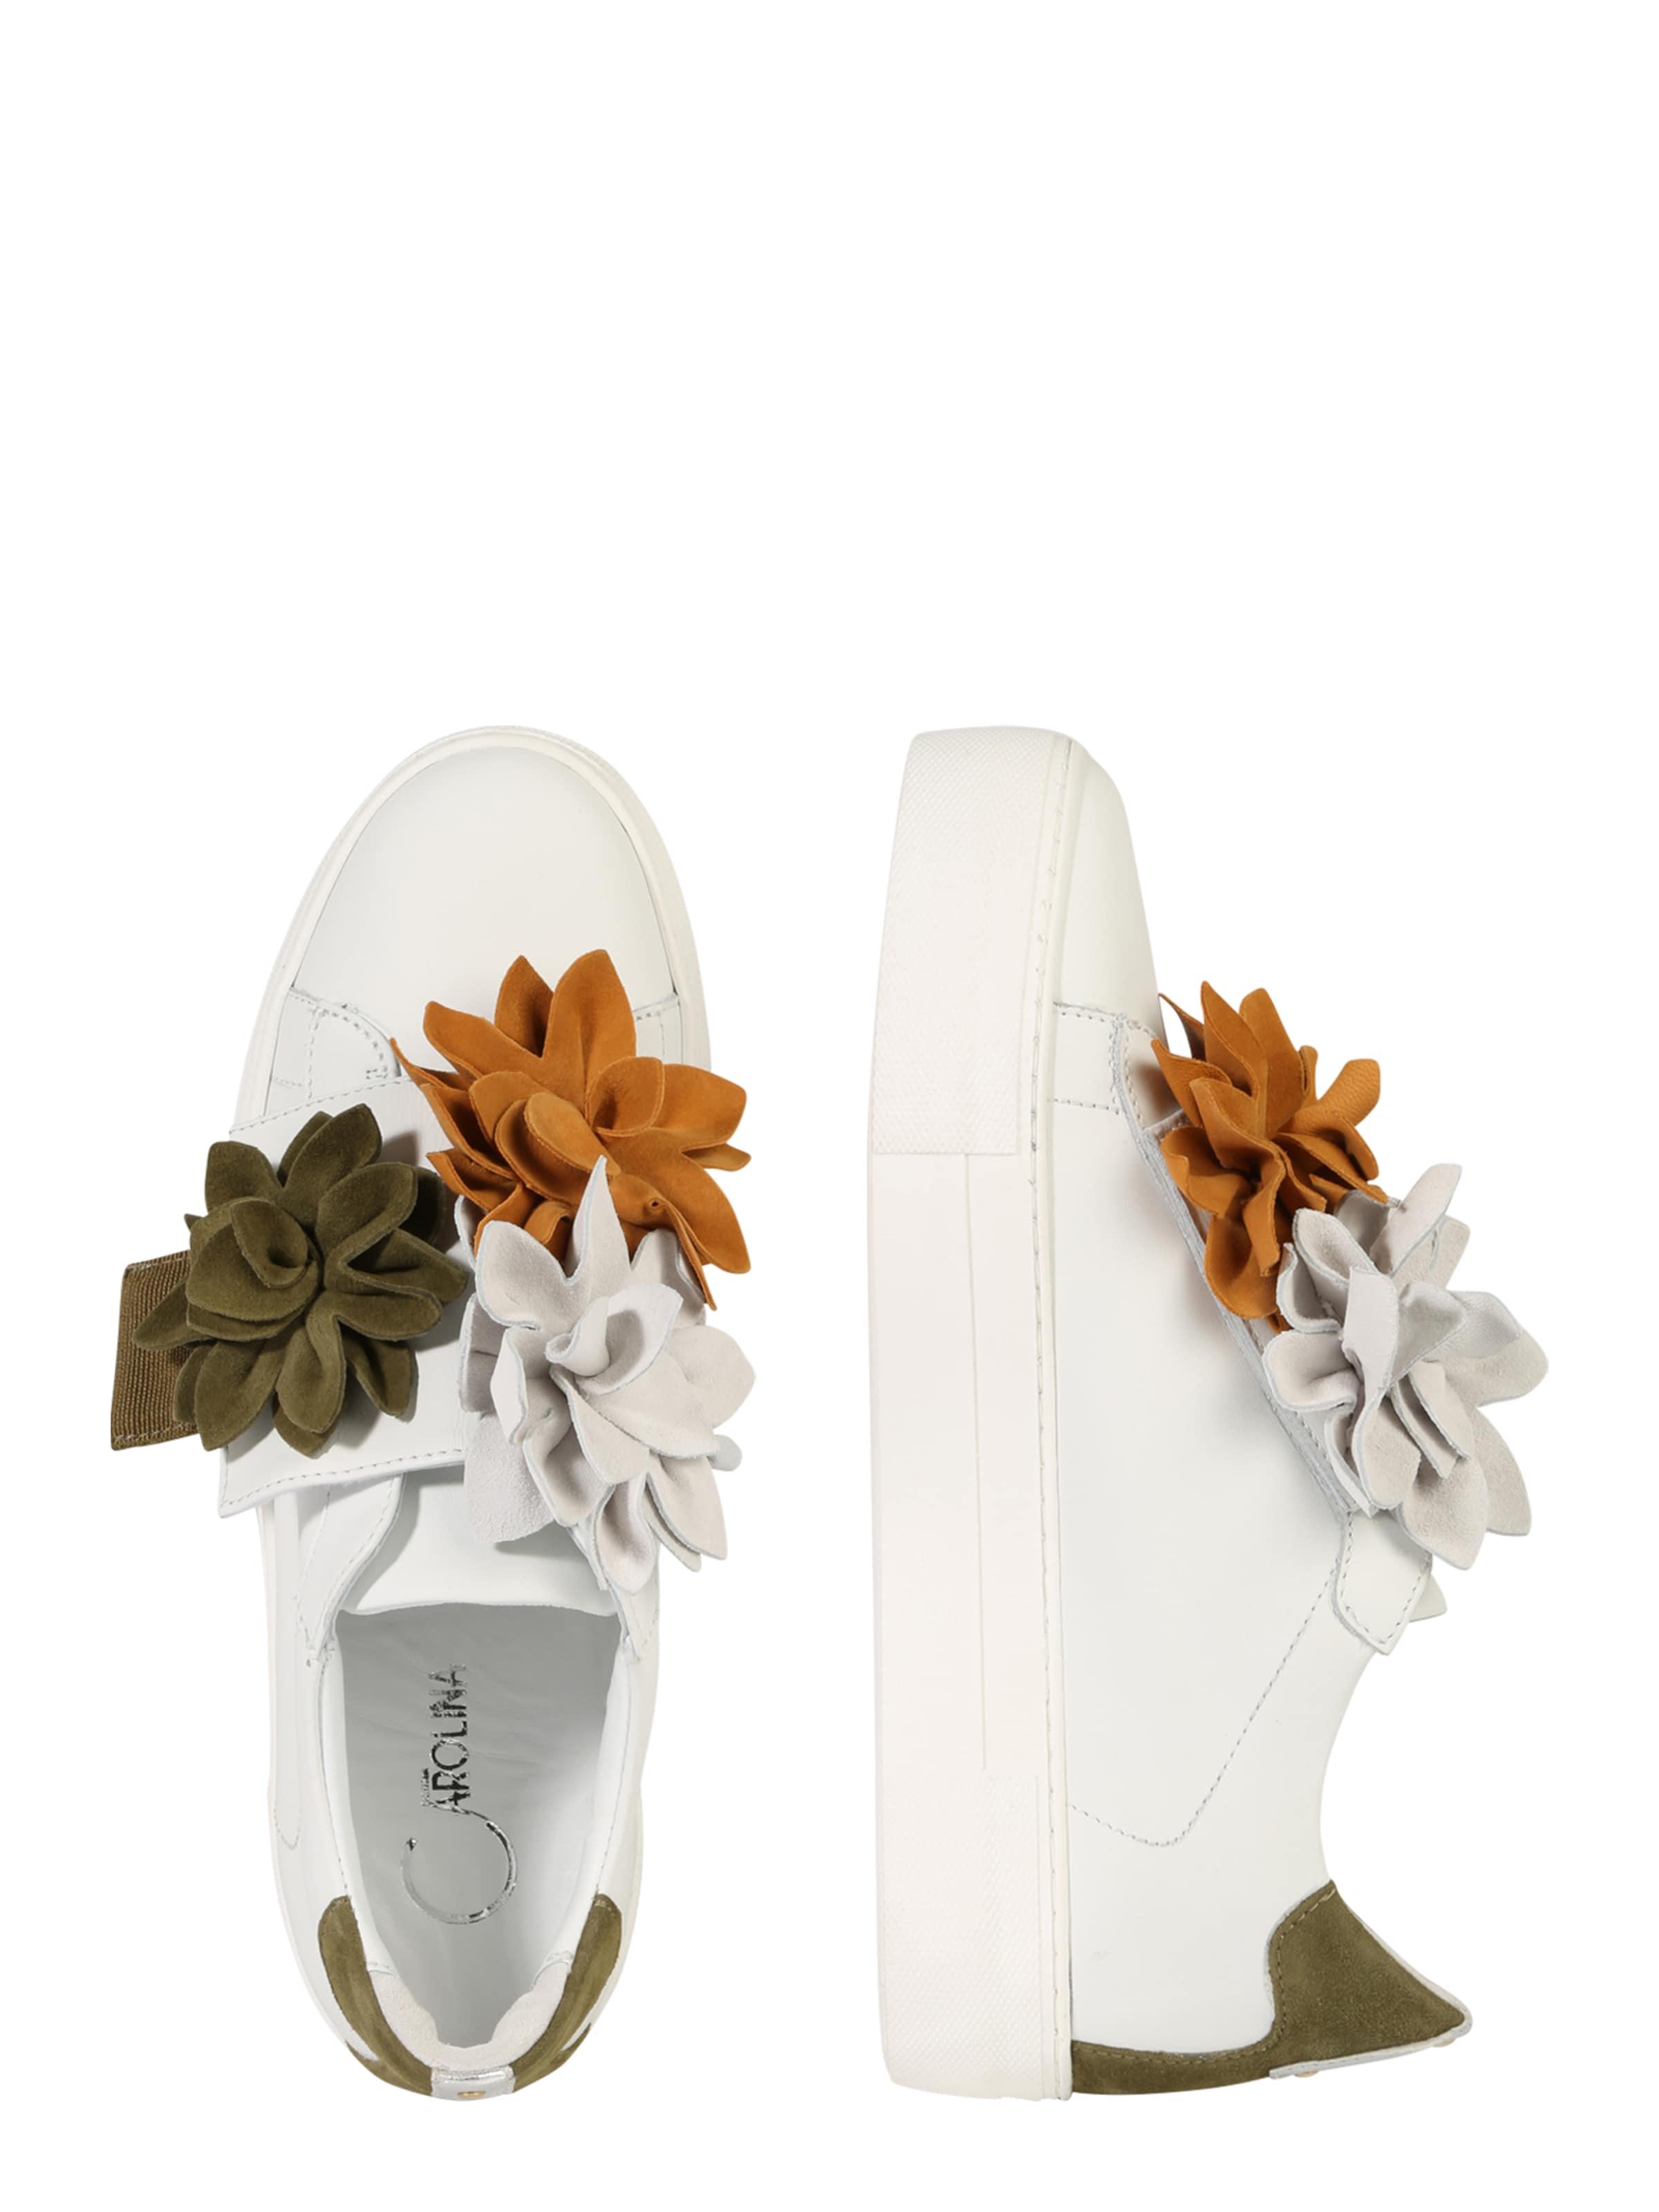 Donna Carolina Sneaker mit Blumenapplikation Die Besten Preise Verkauf Online Niedrige Versandgebühr Verkauf Online 3nzdor38k9